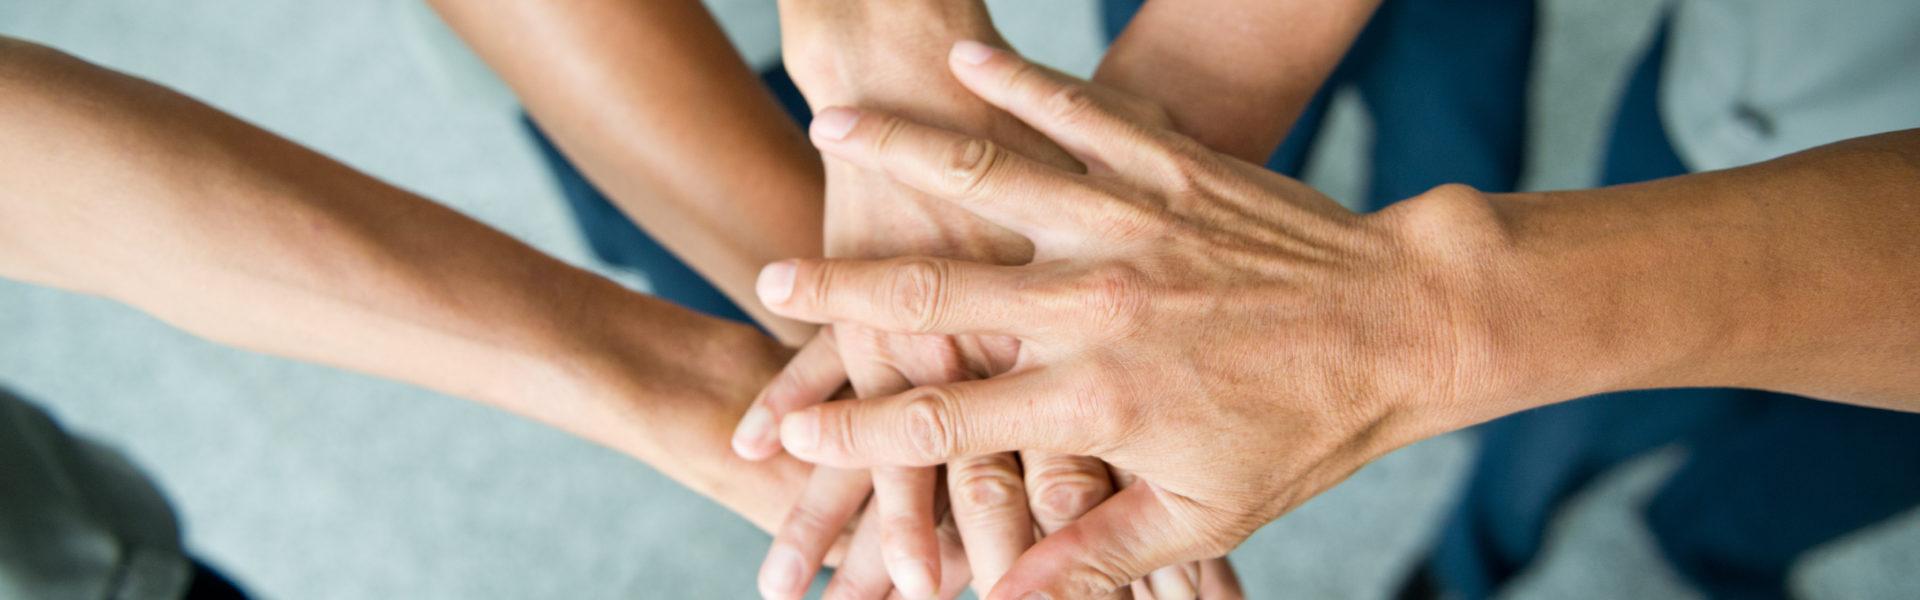 Dłonie kilku osób położone jedna na drugiej